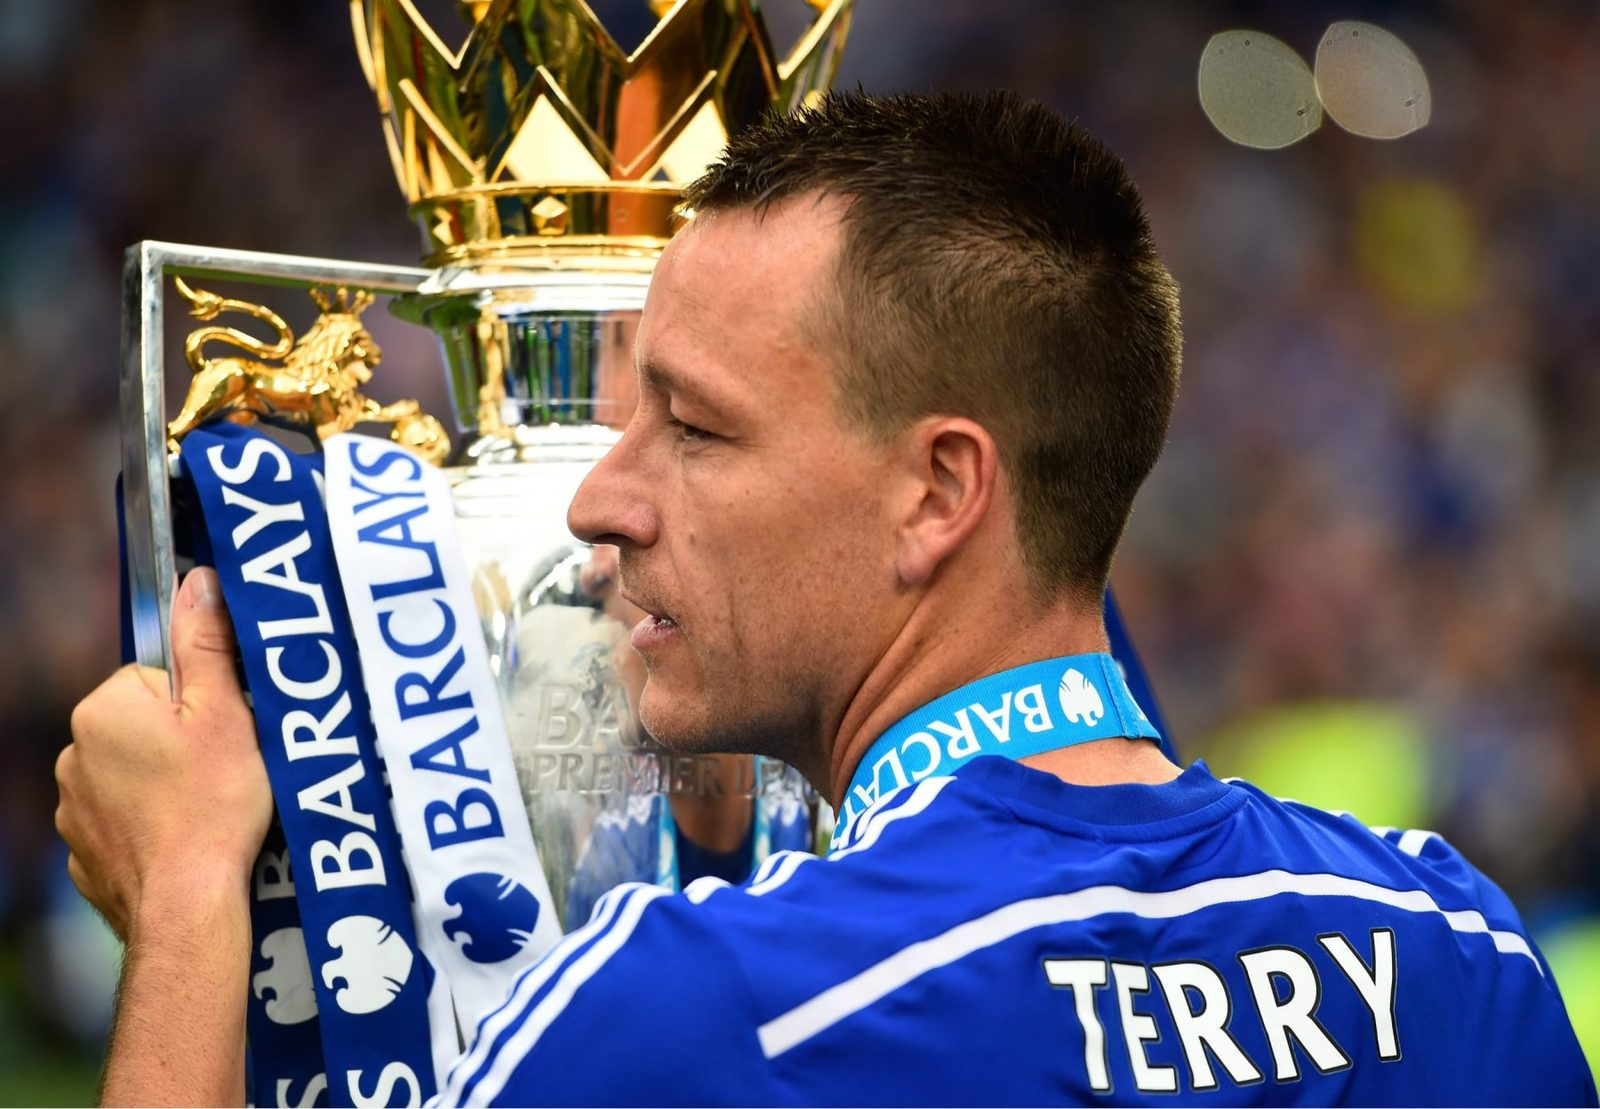 Đâu là đội hình Chelsea xuất sắc nhất kỷ nguyên Premier League? - Bóng Đá